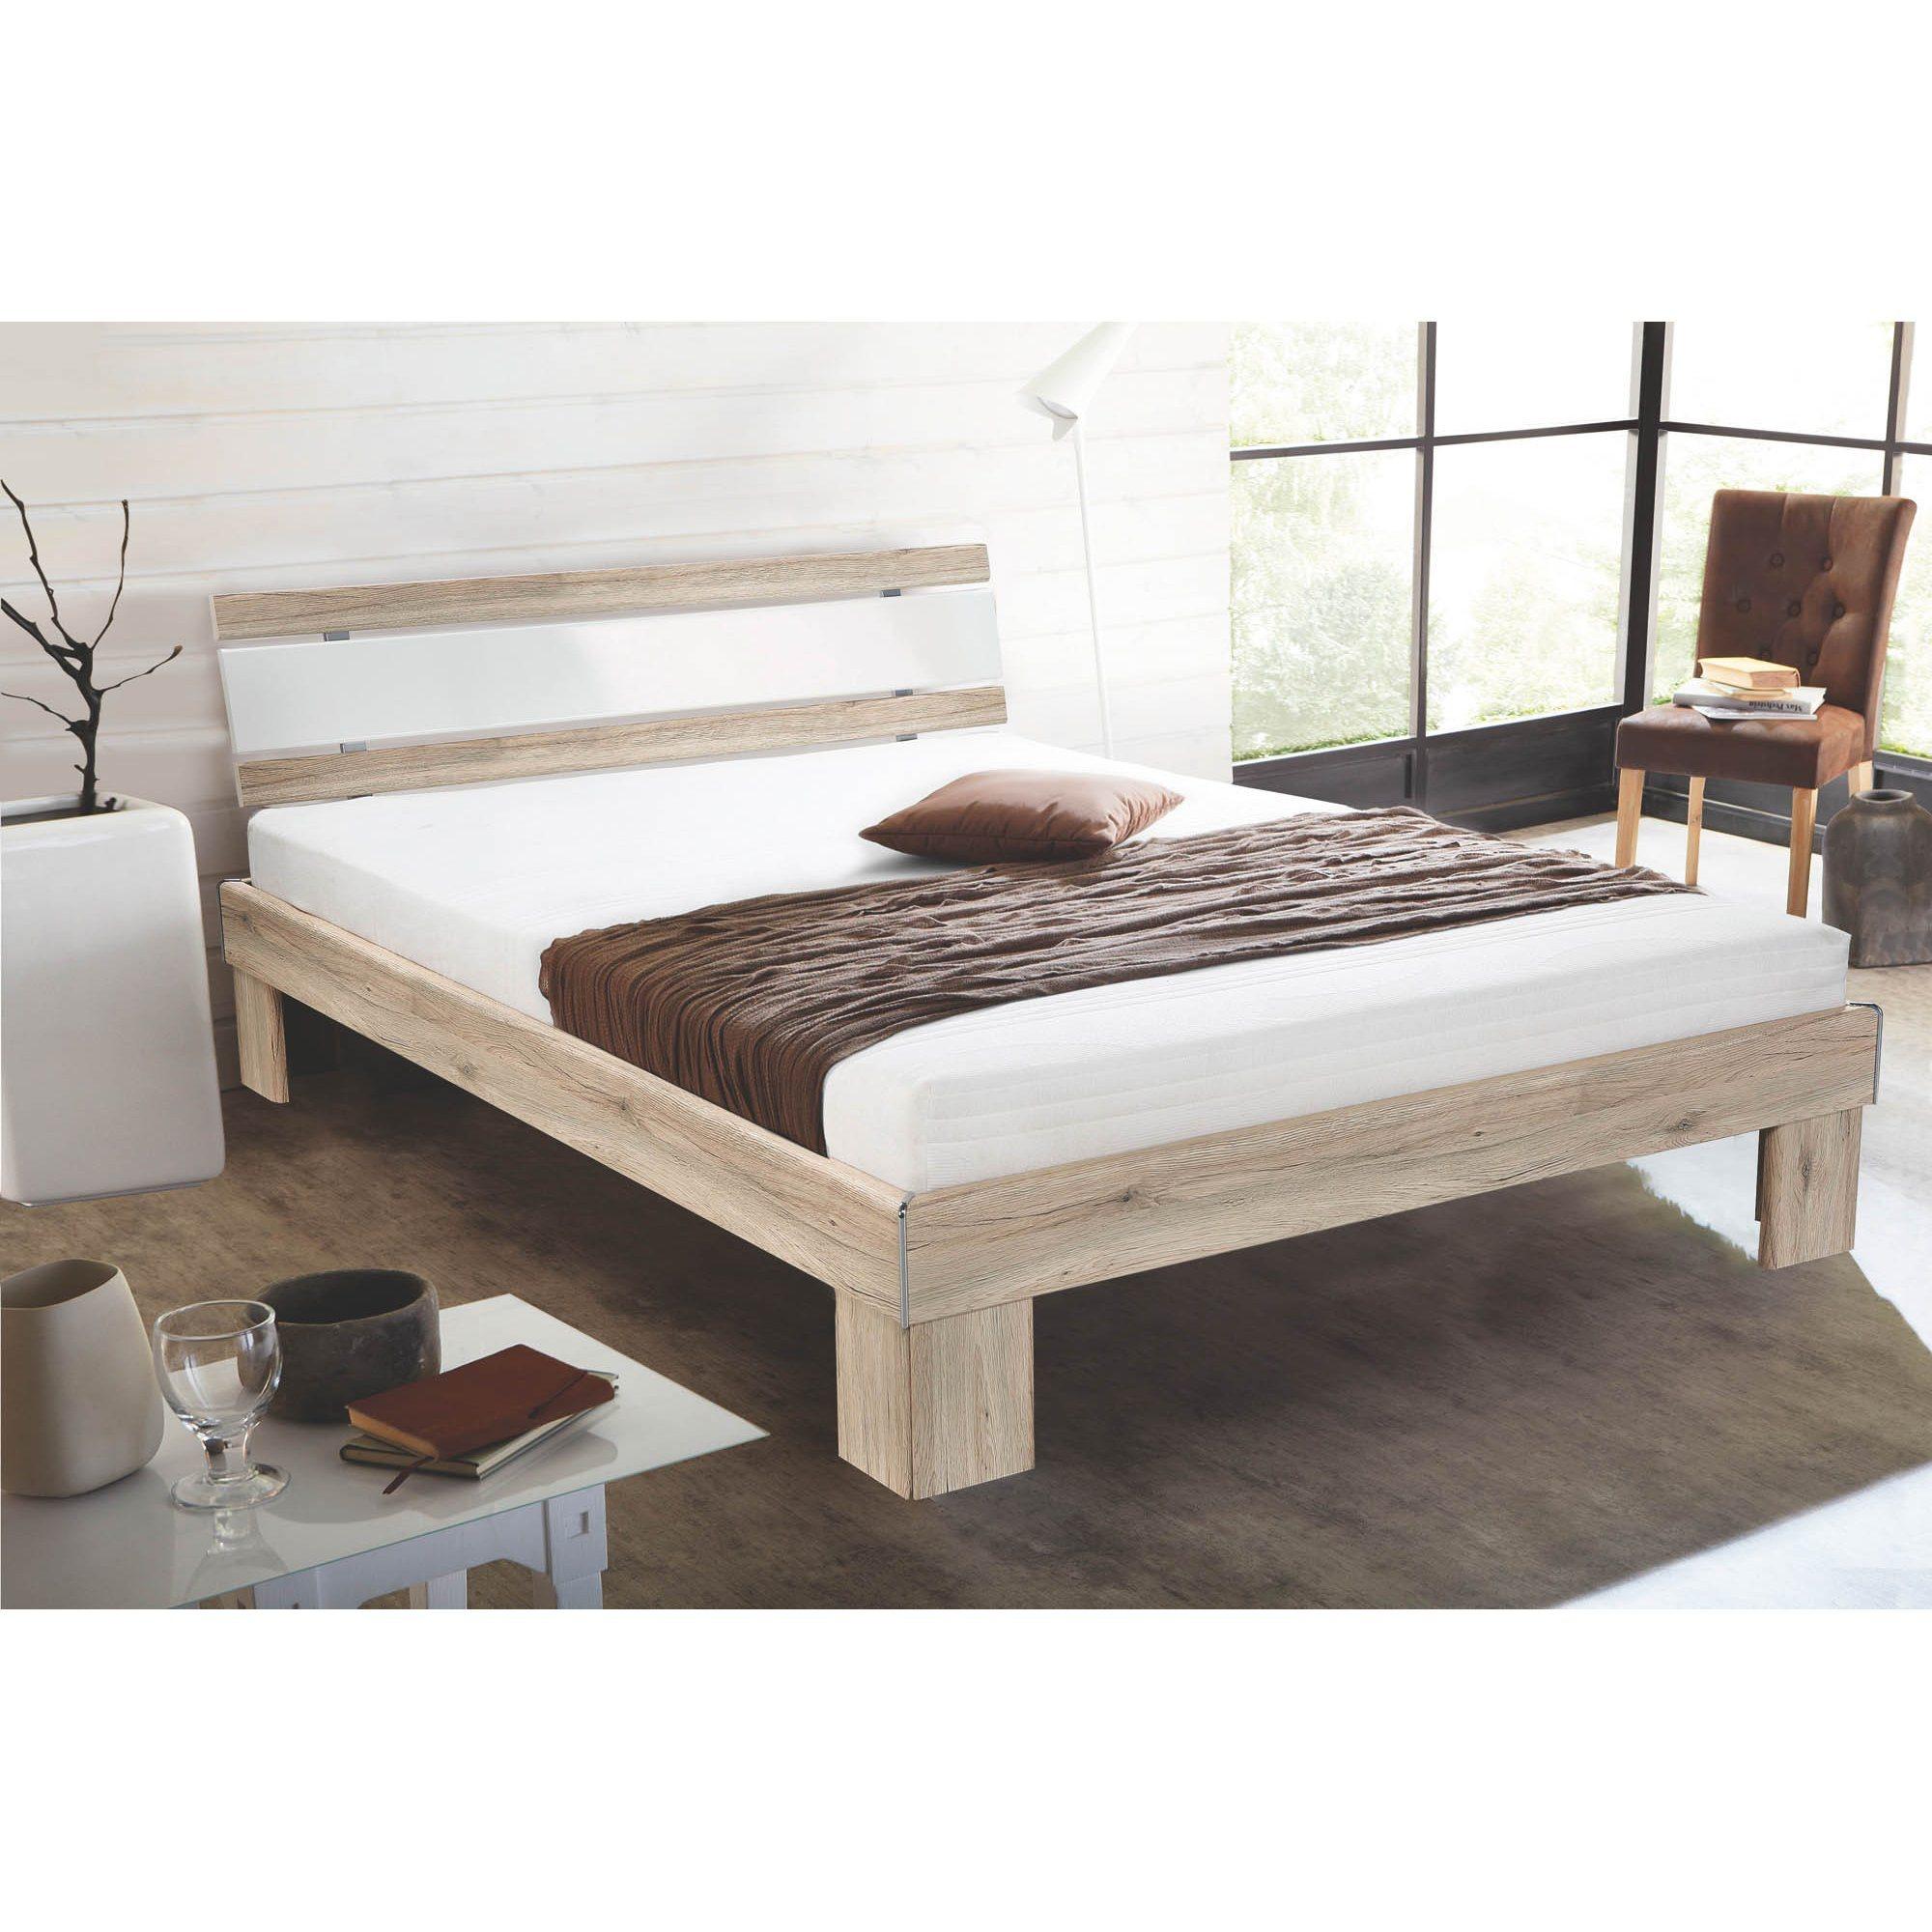 HTI-Living Futonbett mit Kaltschaummatratze »Rhone« | Schlafzimmer > Betten > Futonbetten | Hochglanz - Weiß | Hochglanz - Baumwolle | HTI-Living